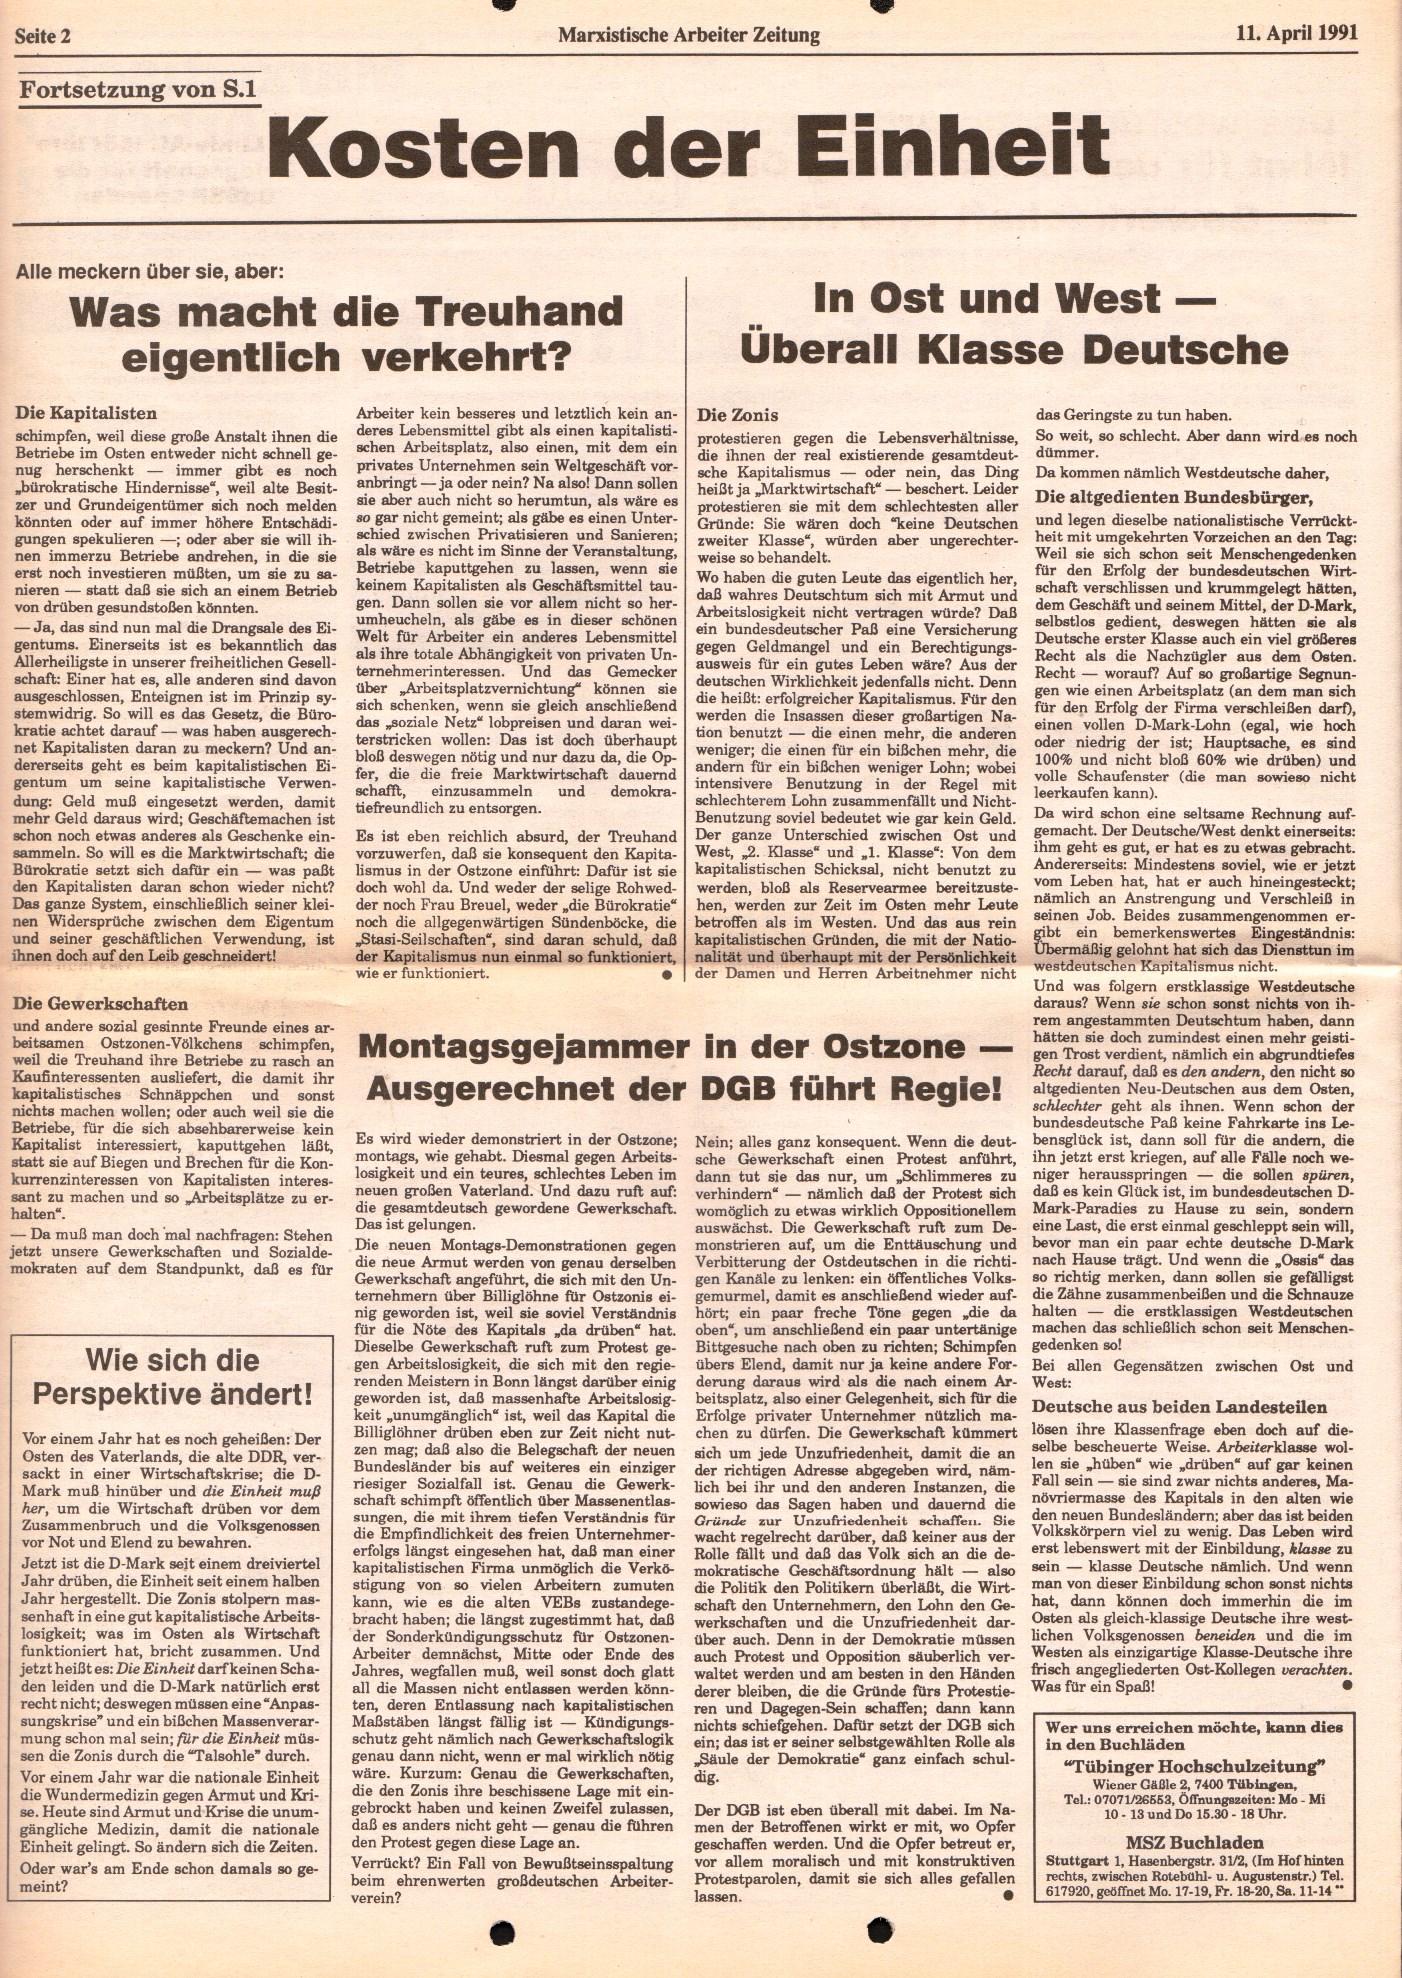 BW_MG_Marxistische_Arbeiterzeitung_19910411_02